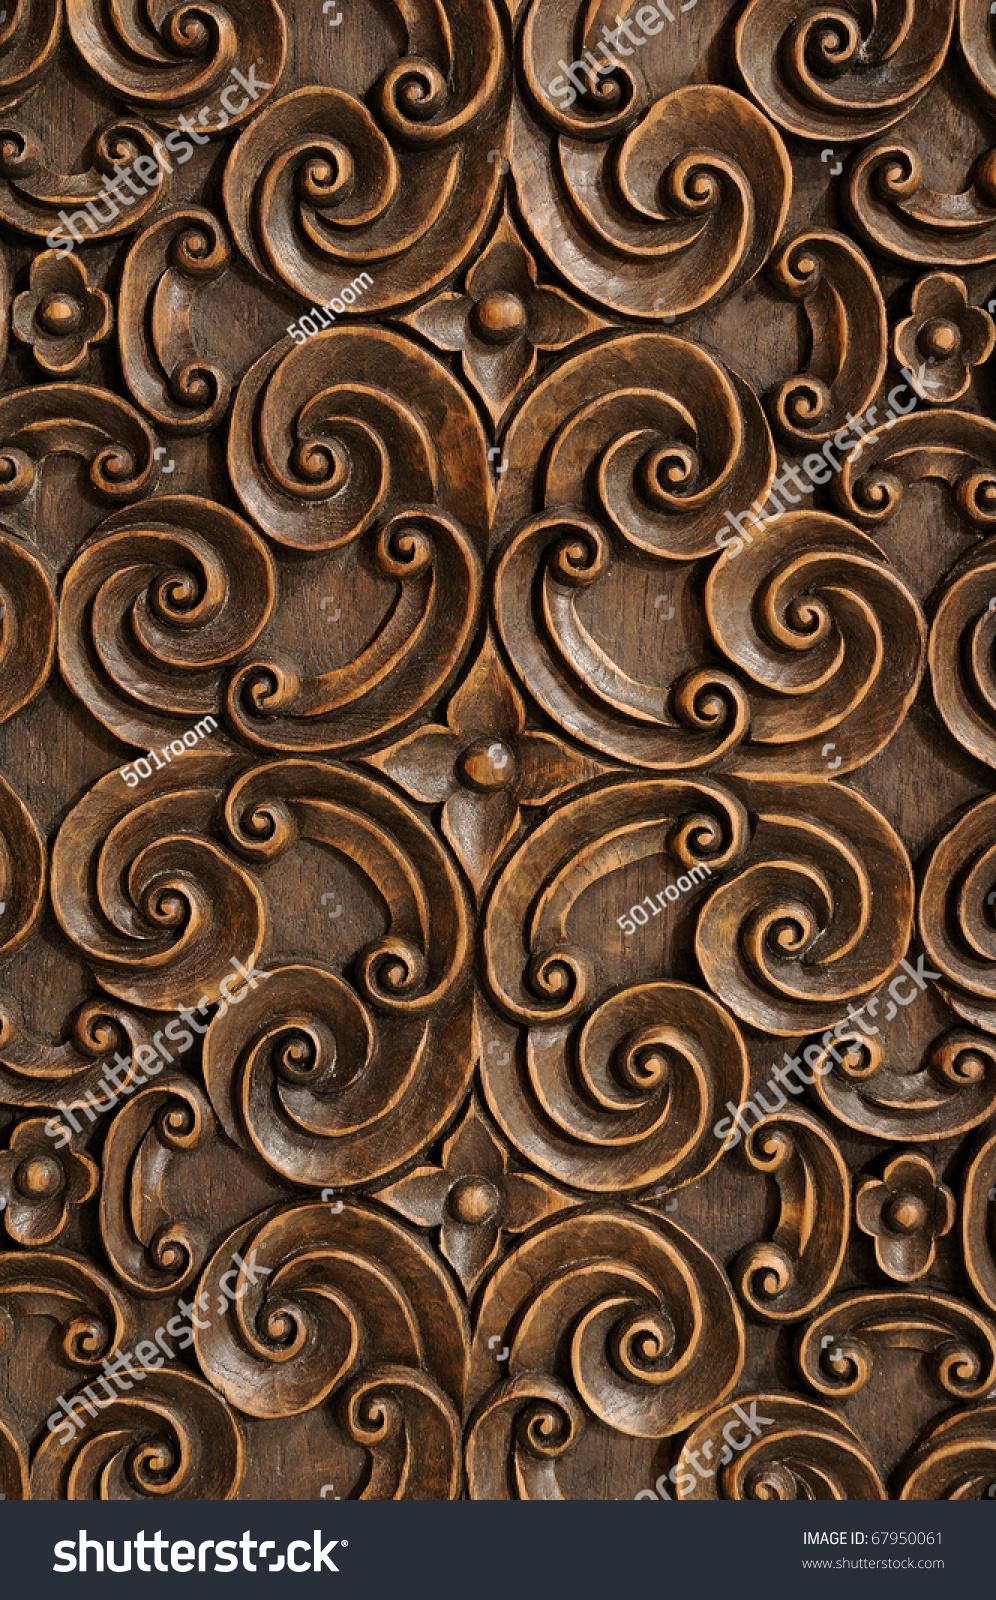 Royalty free wood thai pattern handmade wood carvings